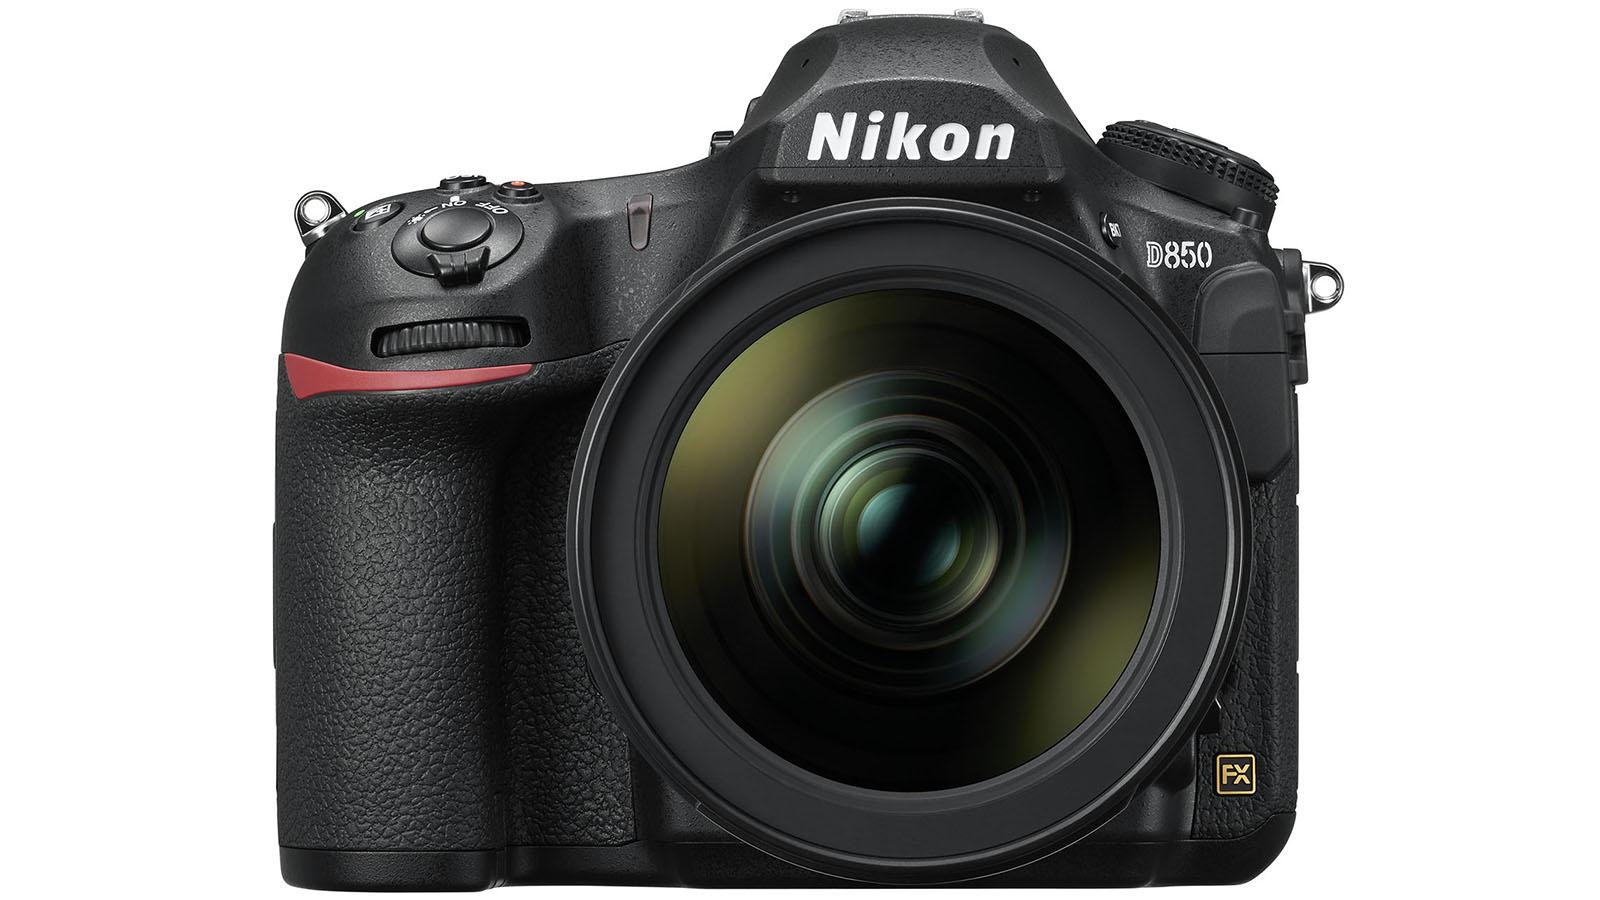 Nikon D850 sai tarkvarauuenduse